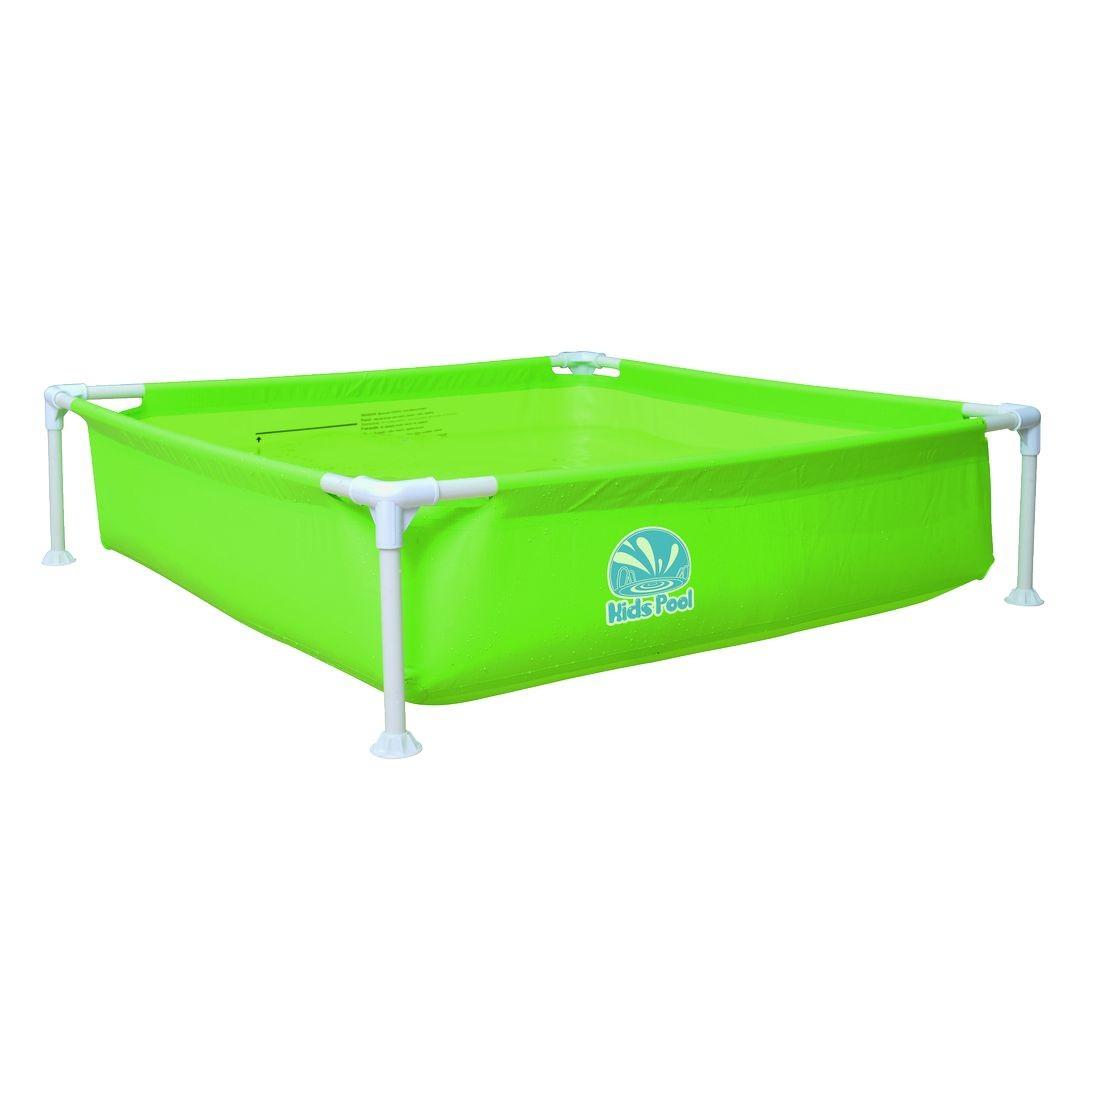 Kids pool frame 120 viereckiger kinderpool 122x122x33 cm planschbecken ebay - Viereckiger pool ...